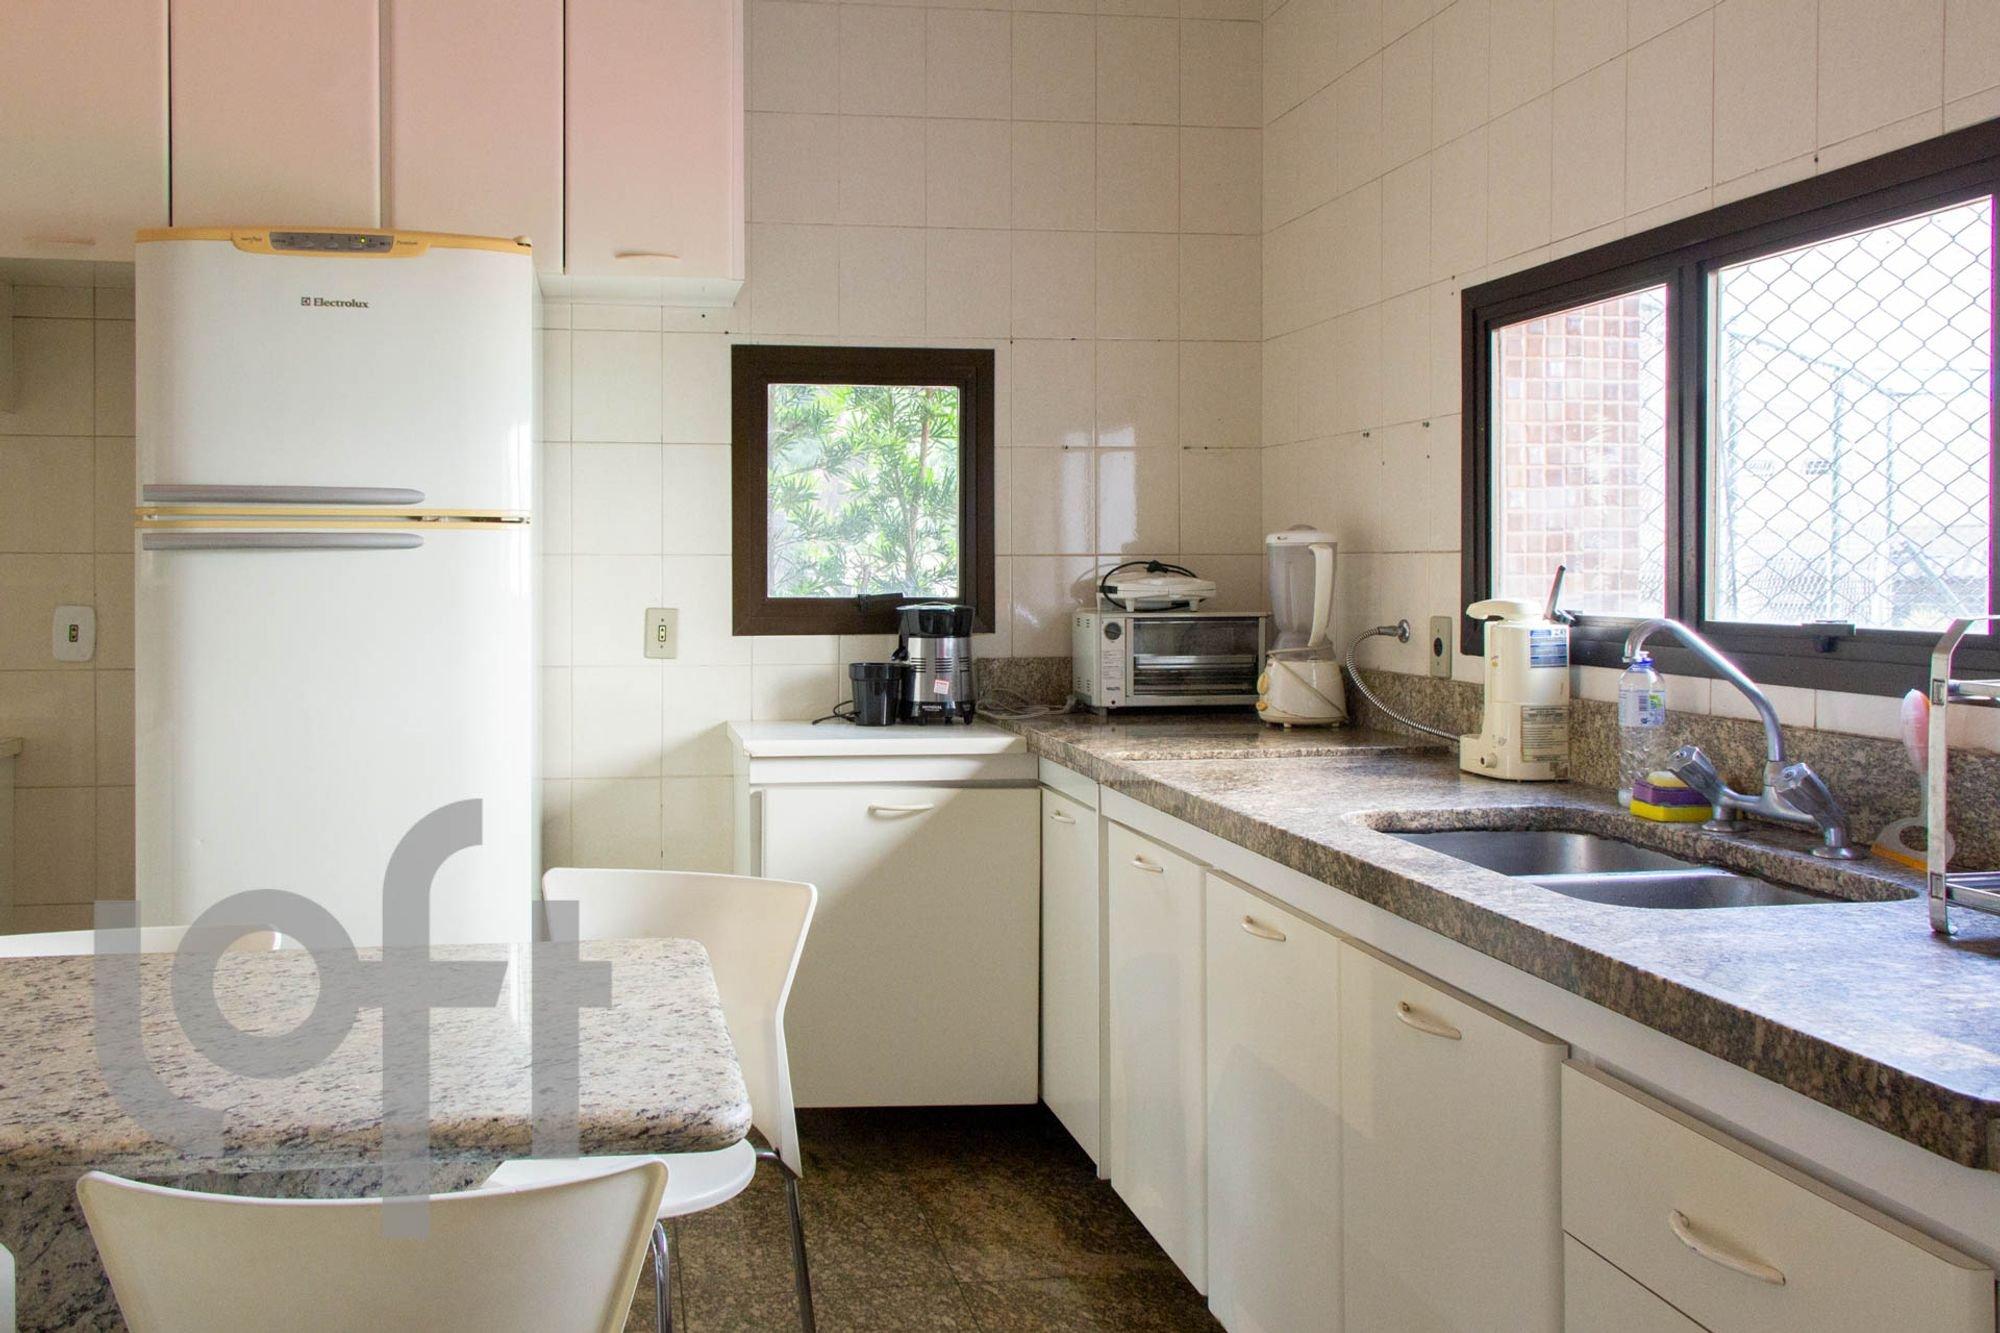 Foto de Cozinha com garrafa, geladeira, cadeira, pia, mesa de jantar